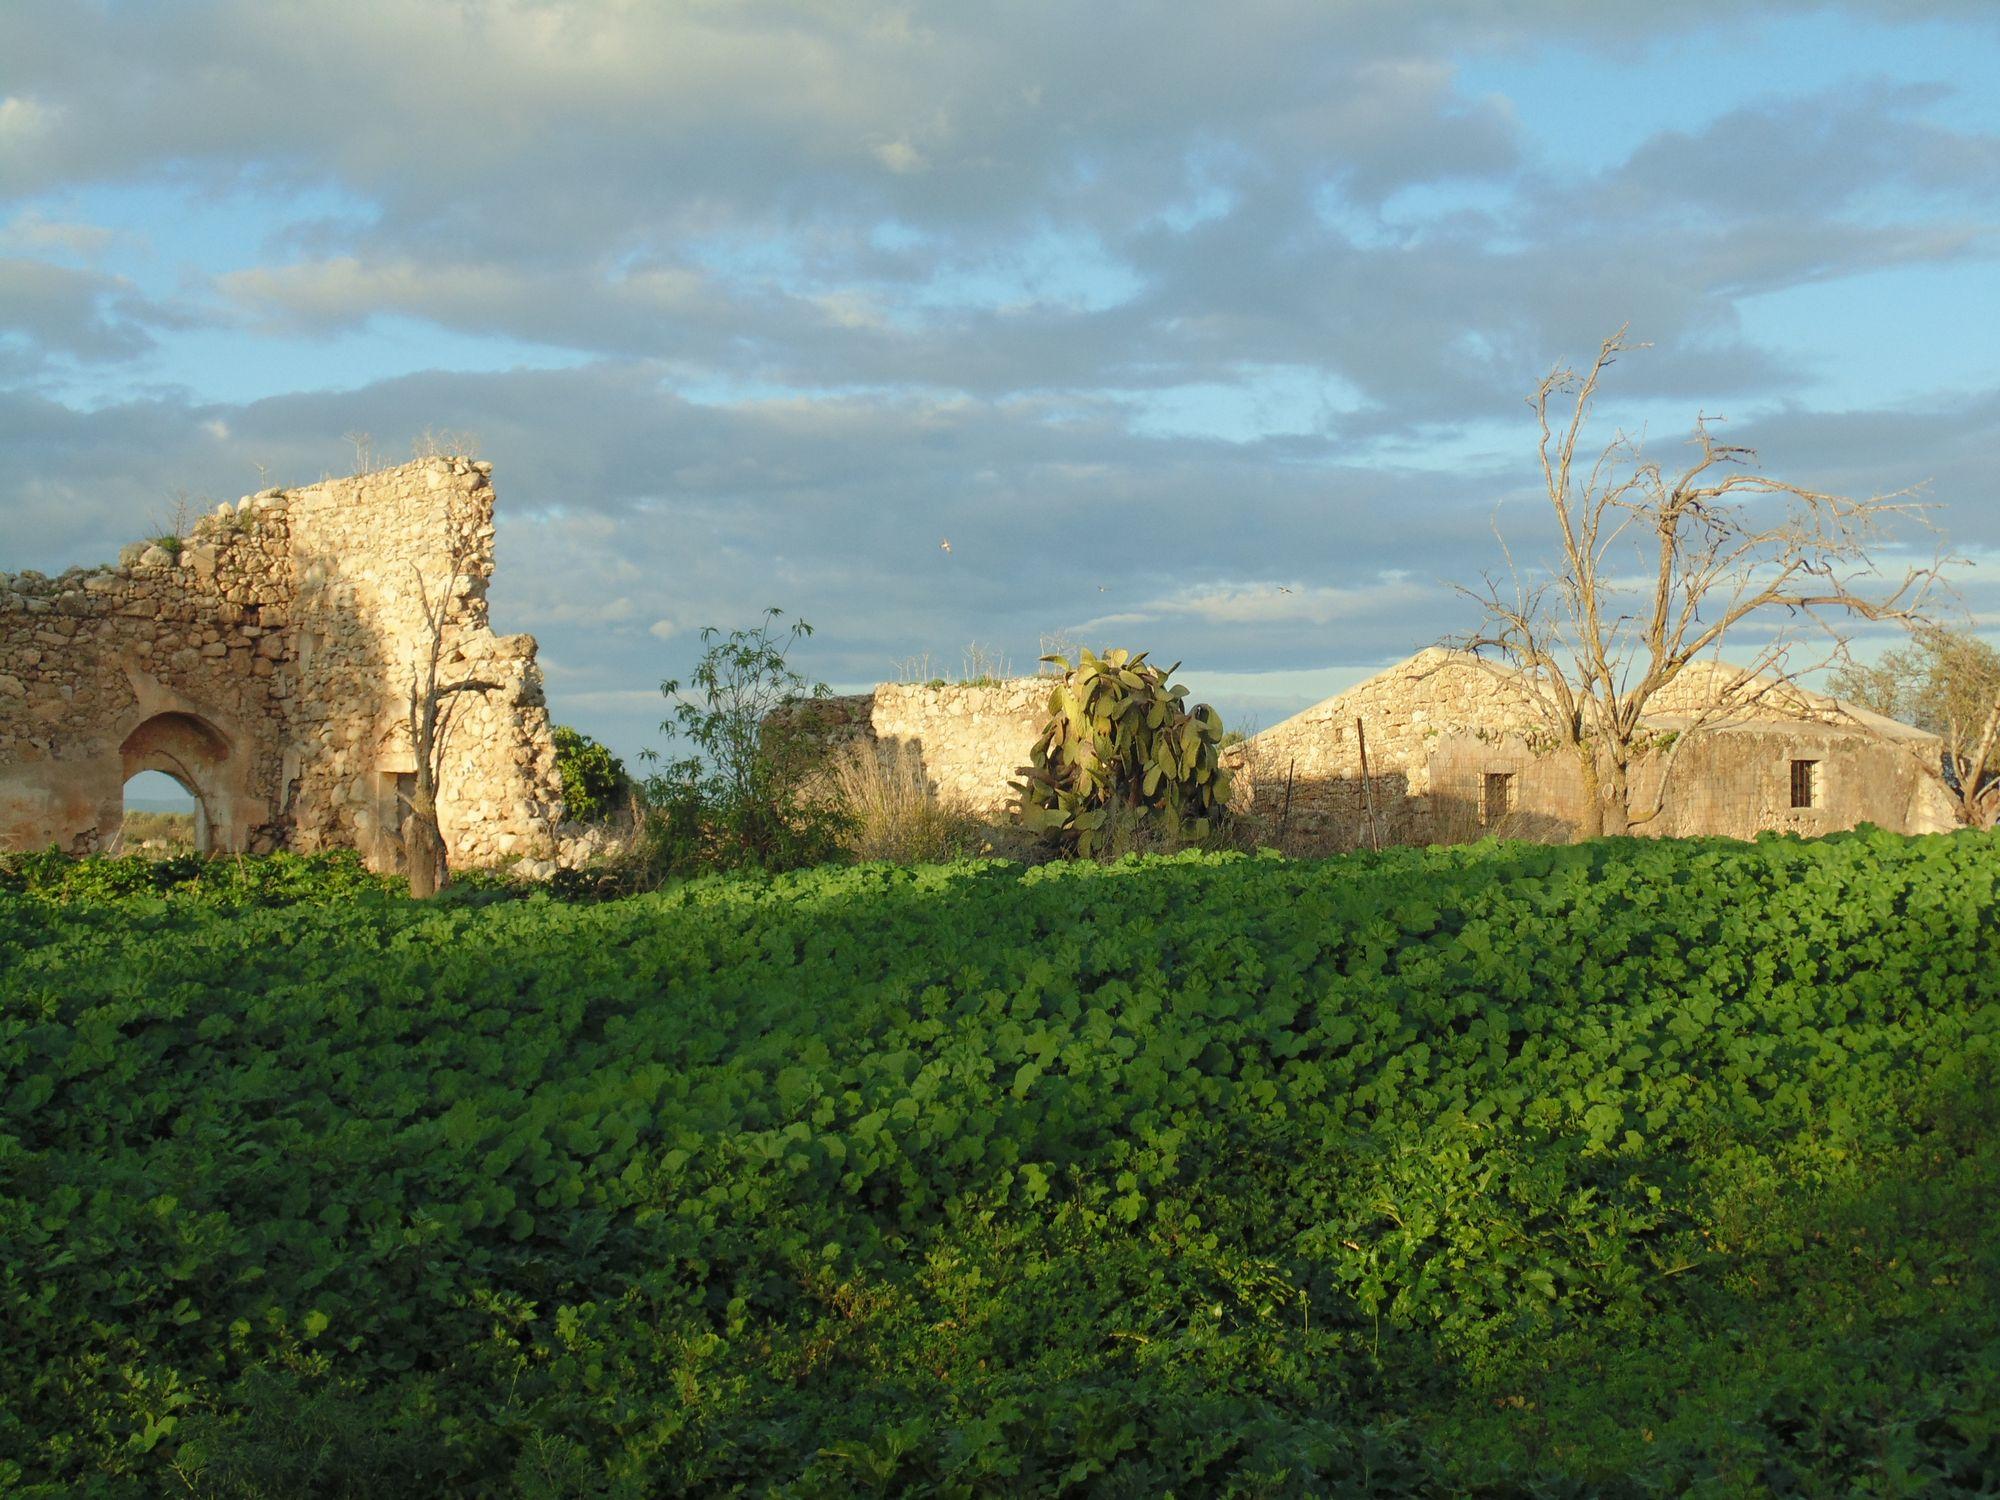 Terreno in c.da Scirbia con caseggiato rurale.  ...